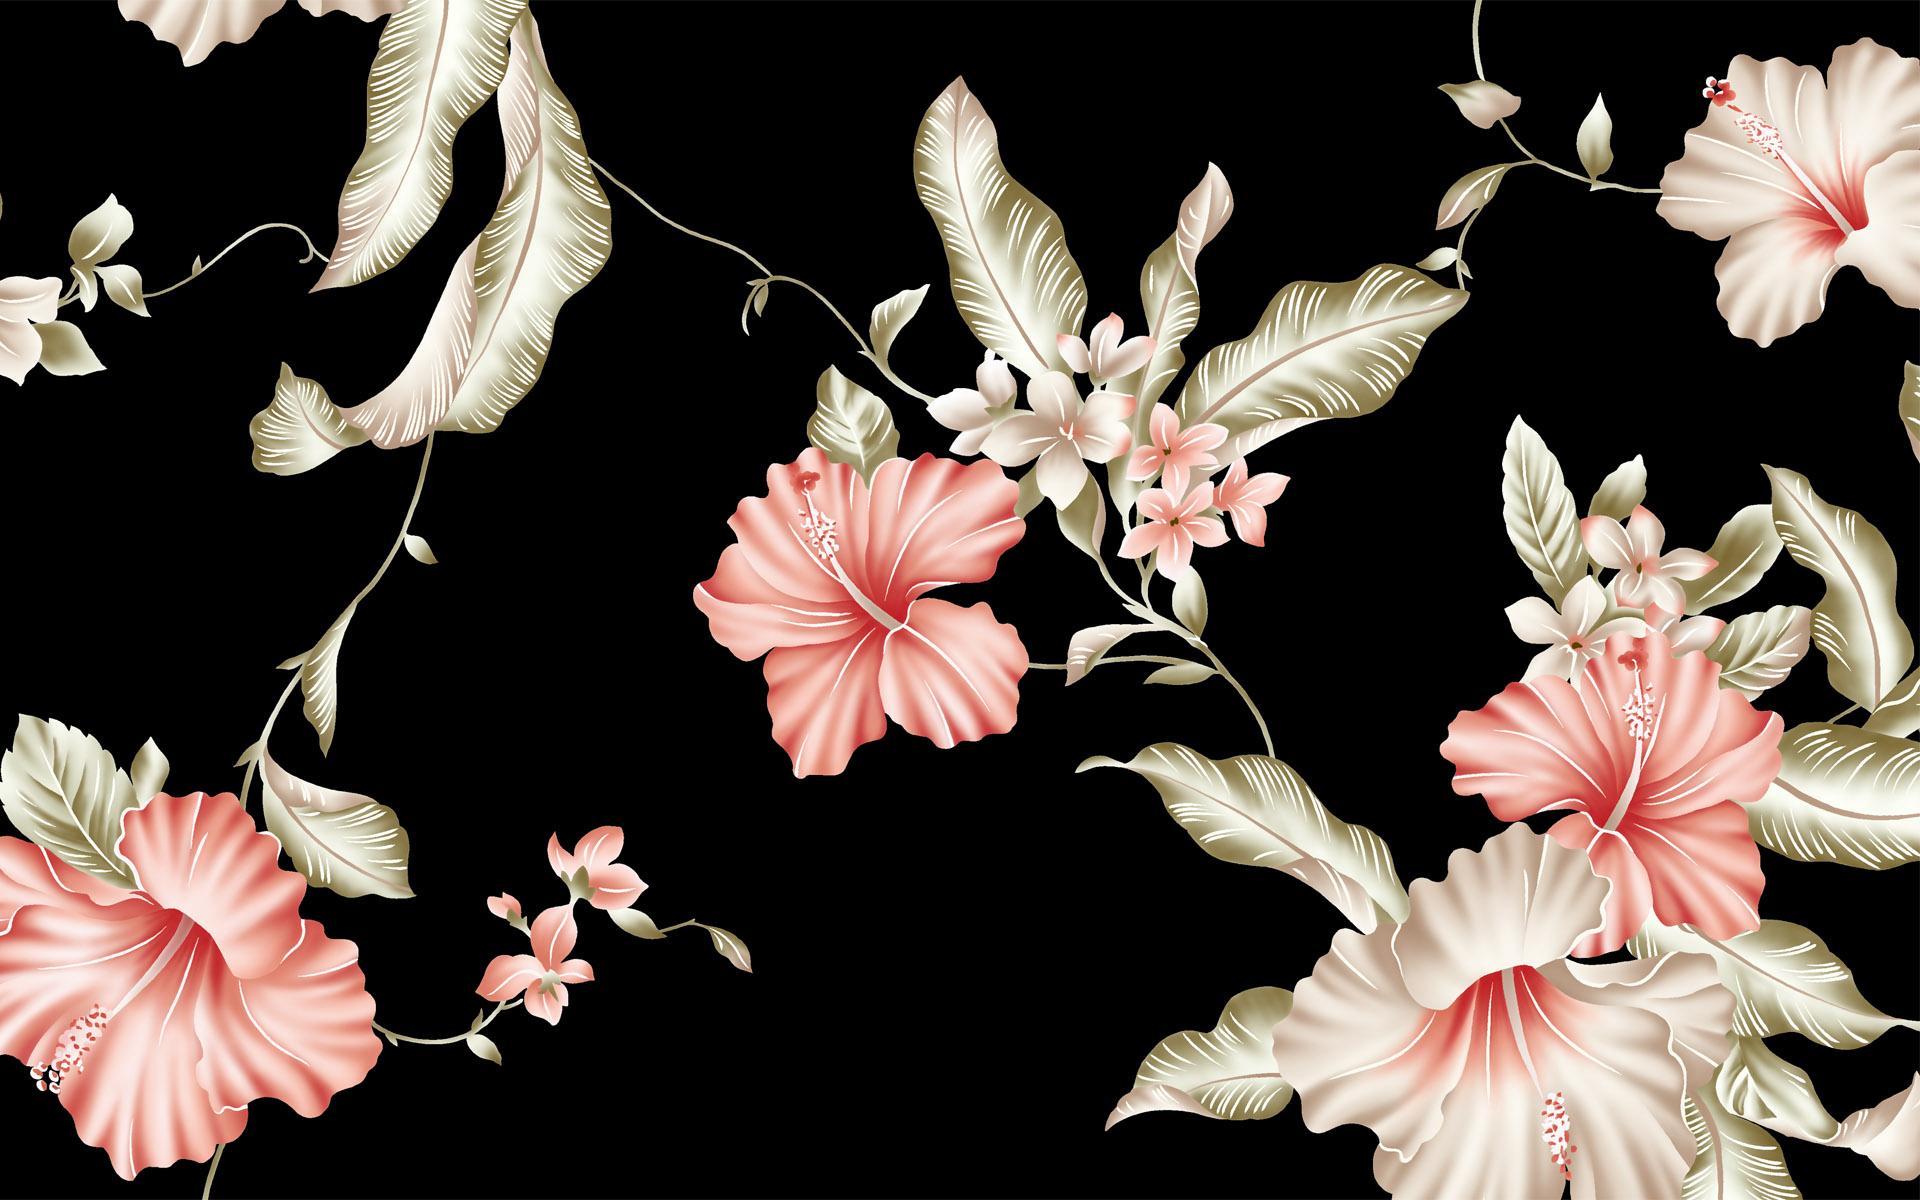 vintage flowers on tumblr - photo #45